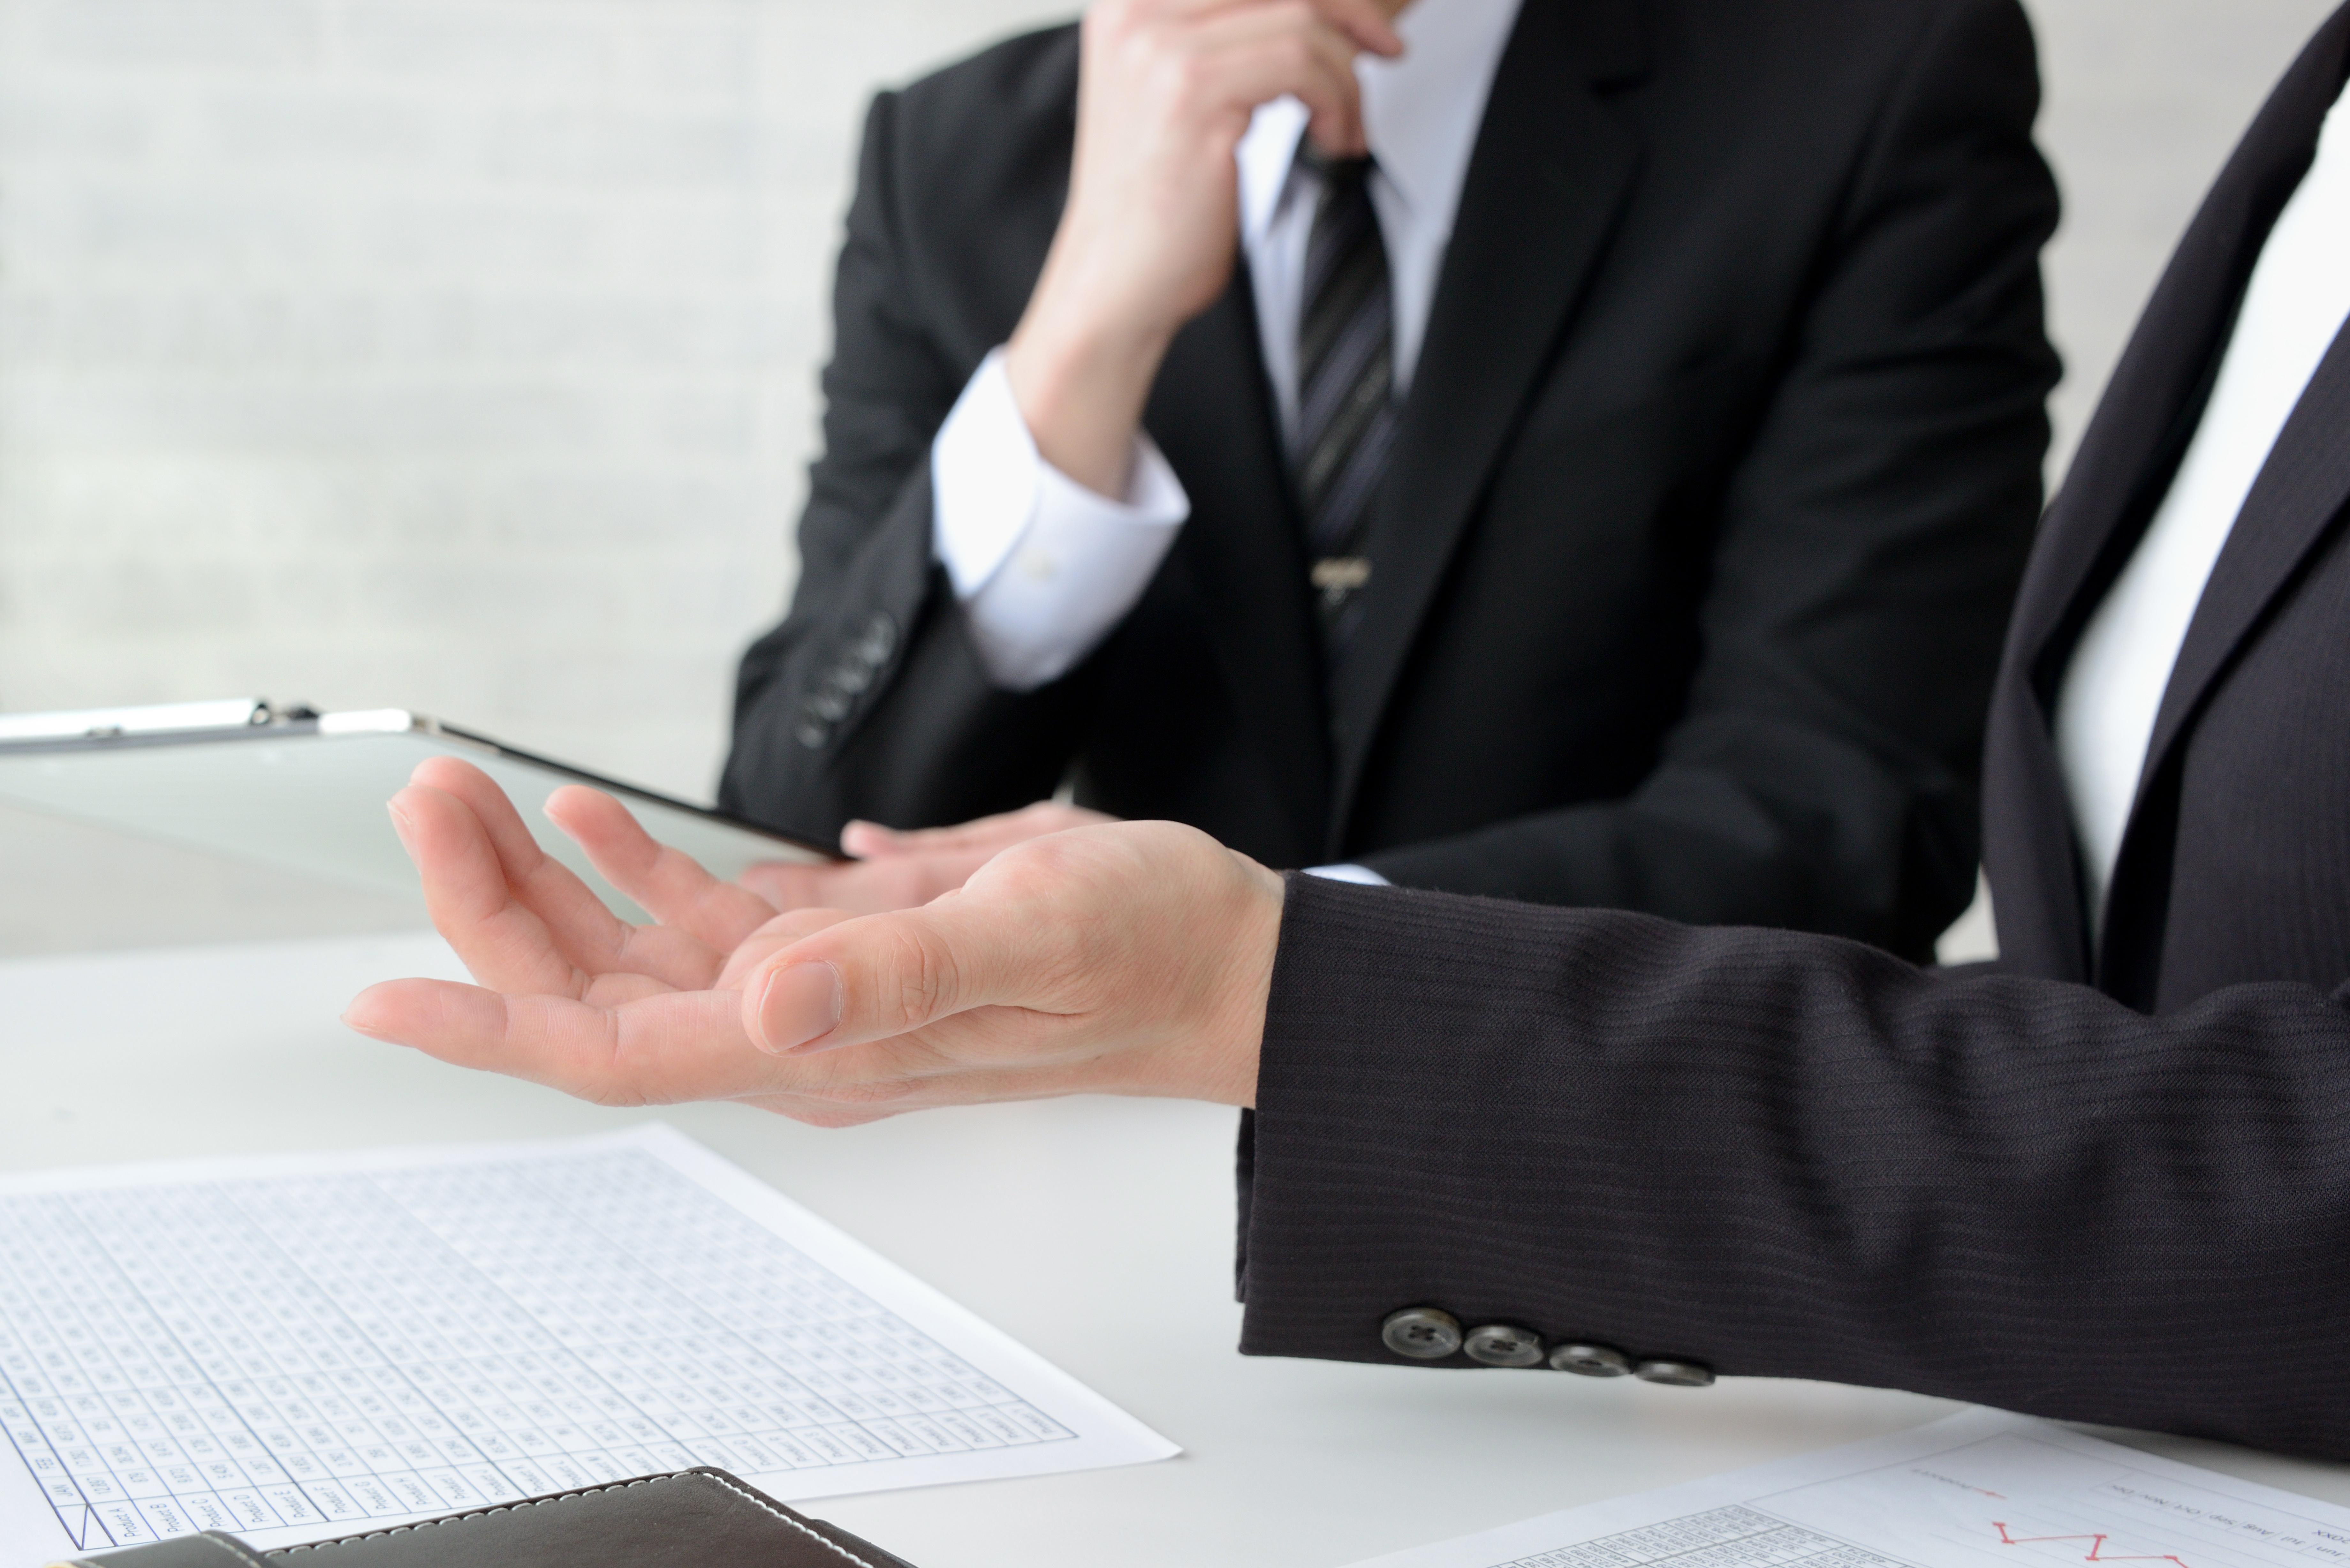 残業45時間を超えることが可能な場合とは?休日出勤の扱い、6回ルールなども要チェック。